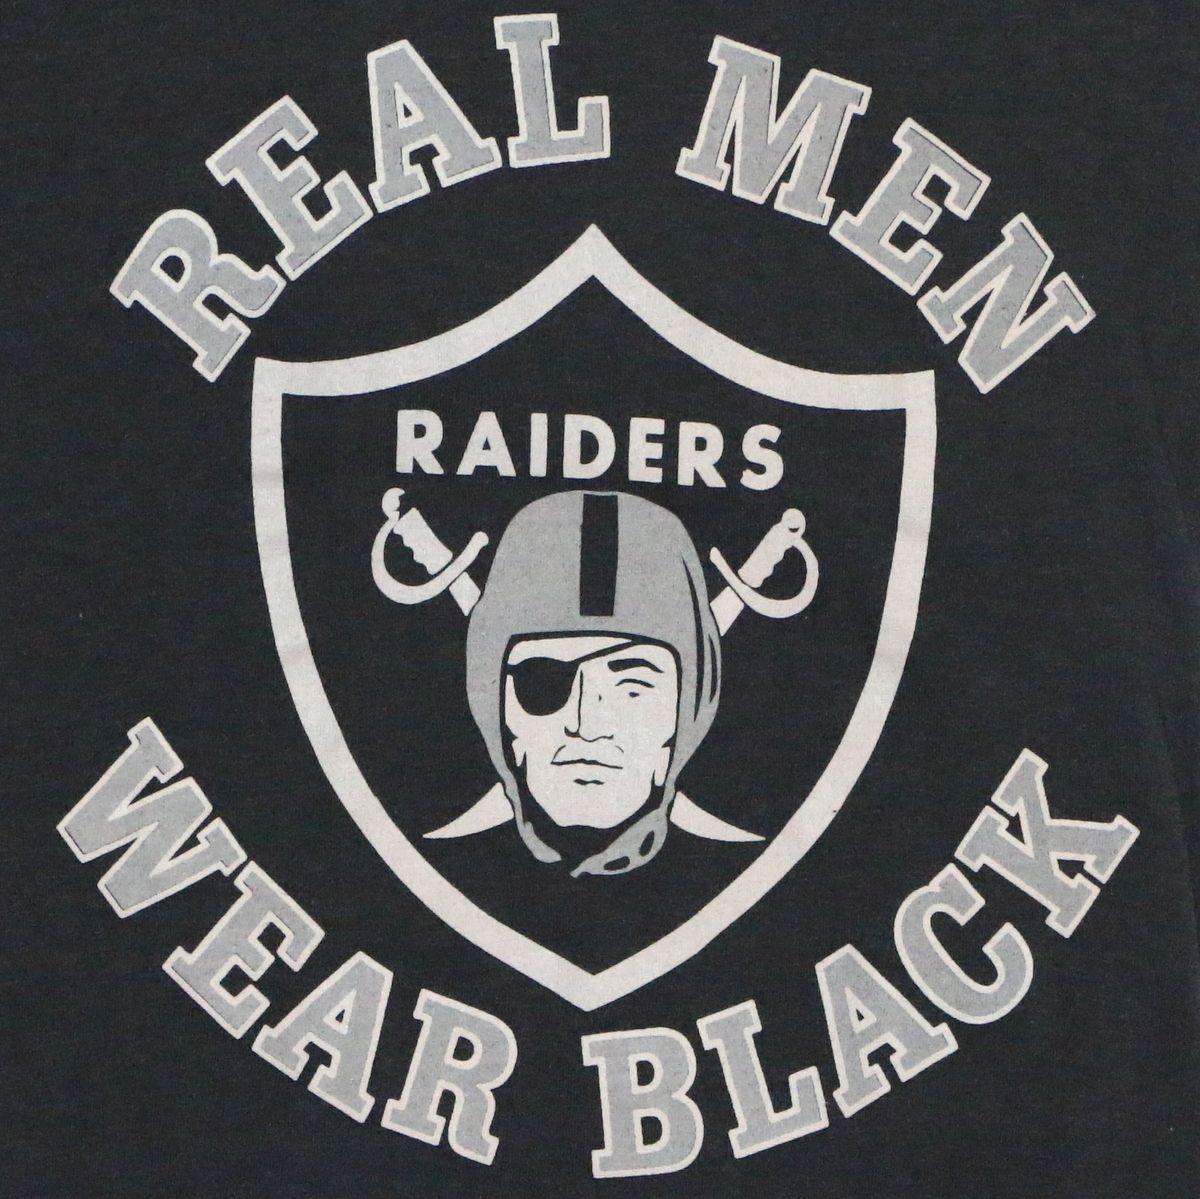 1980s Los Angeles Raiders Real Men Wear Black Nfl Shirt Oakland Raiders Fans Raiders Fans Raiders